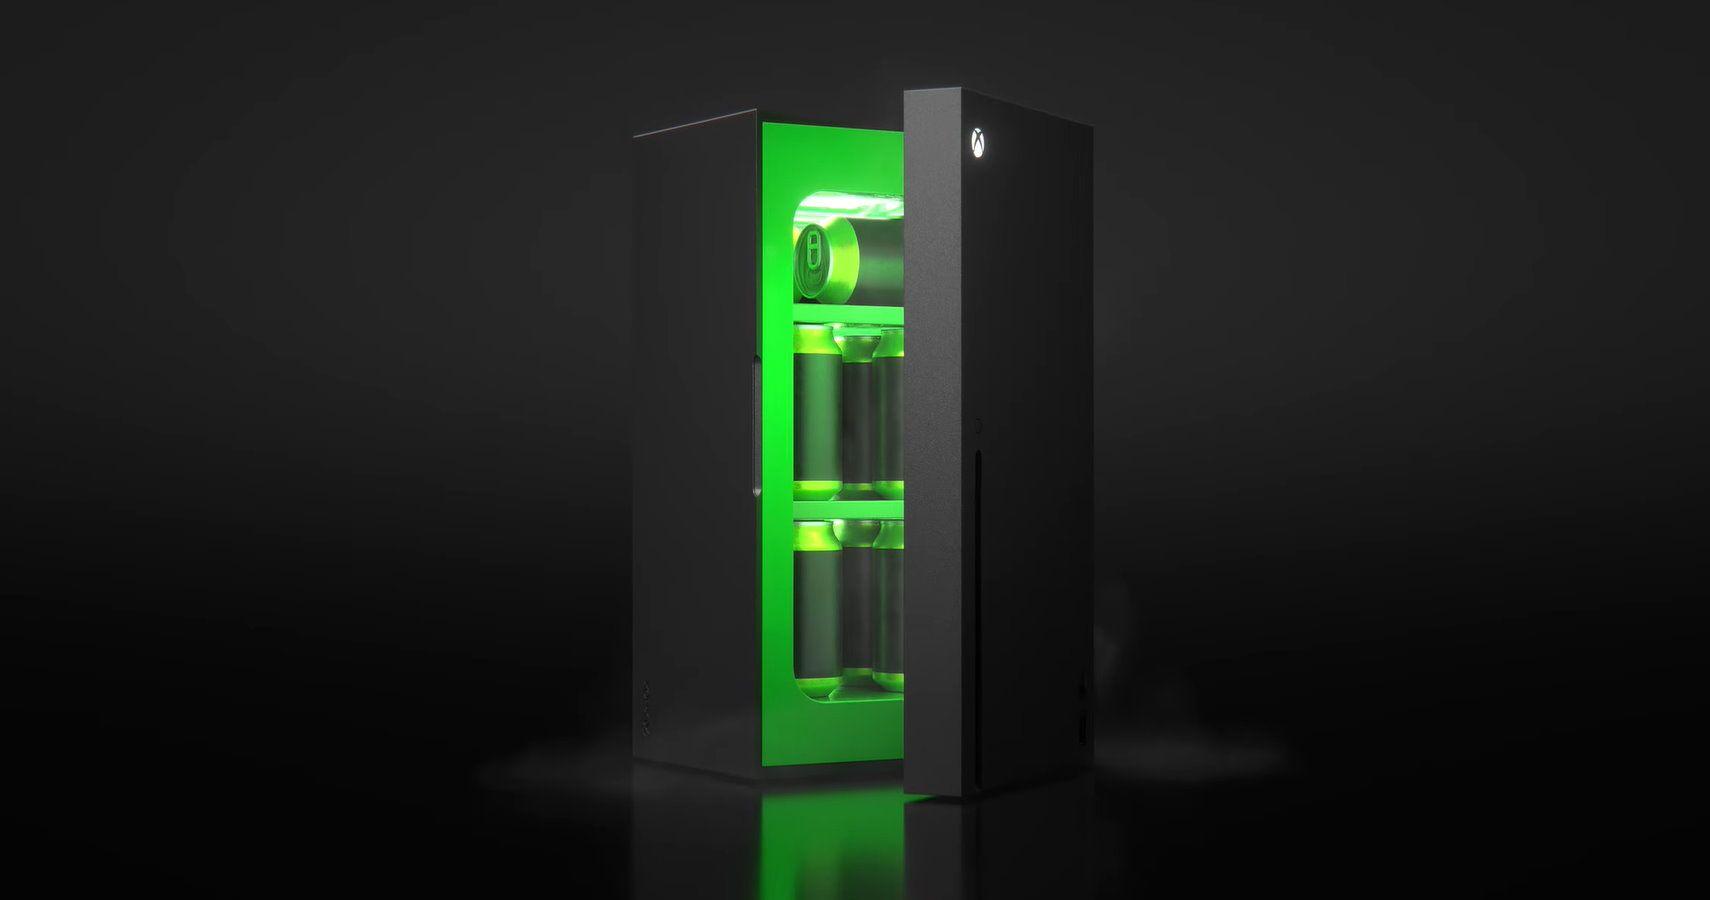 Xbox презентовала мини-холодильник. Трейлер новинки собрал 1,5 млн просмотров засутки